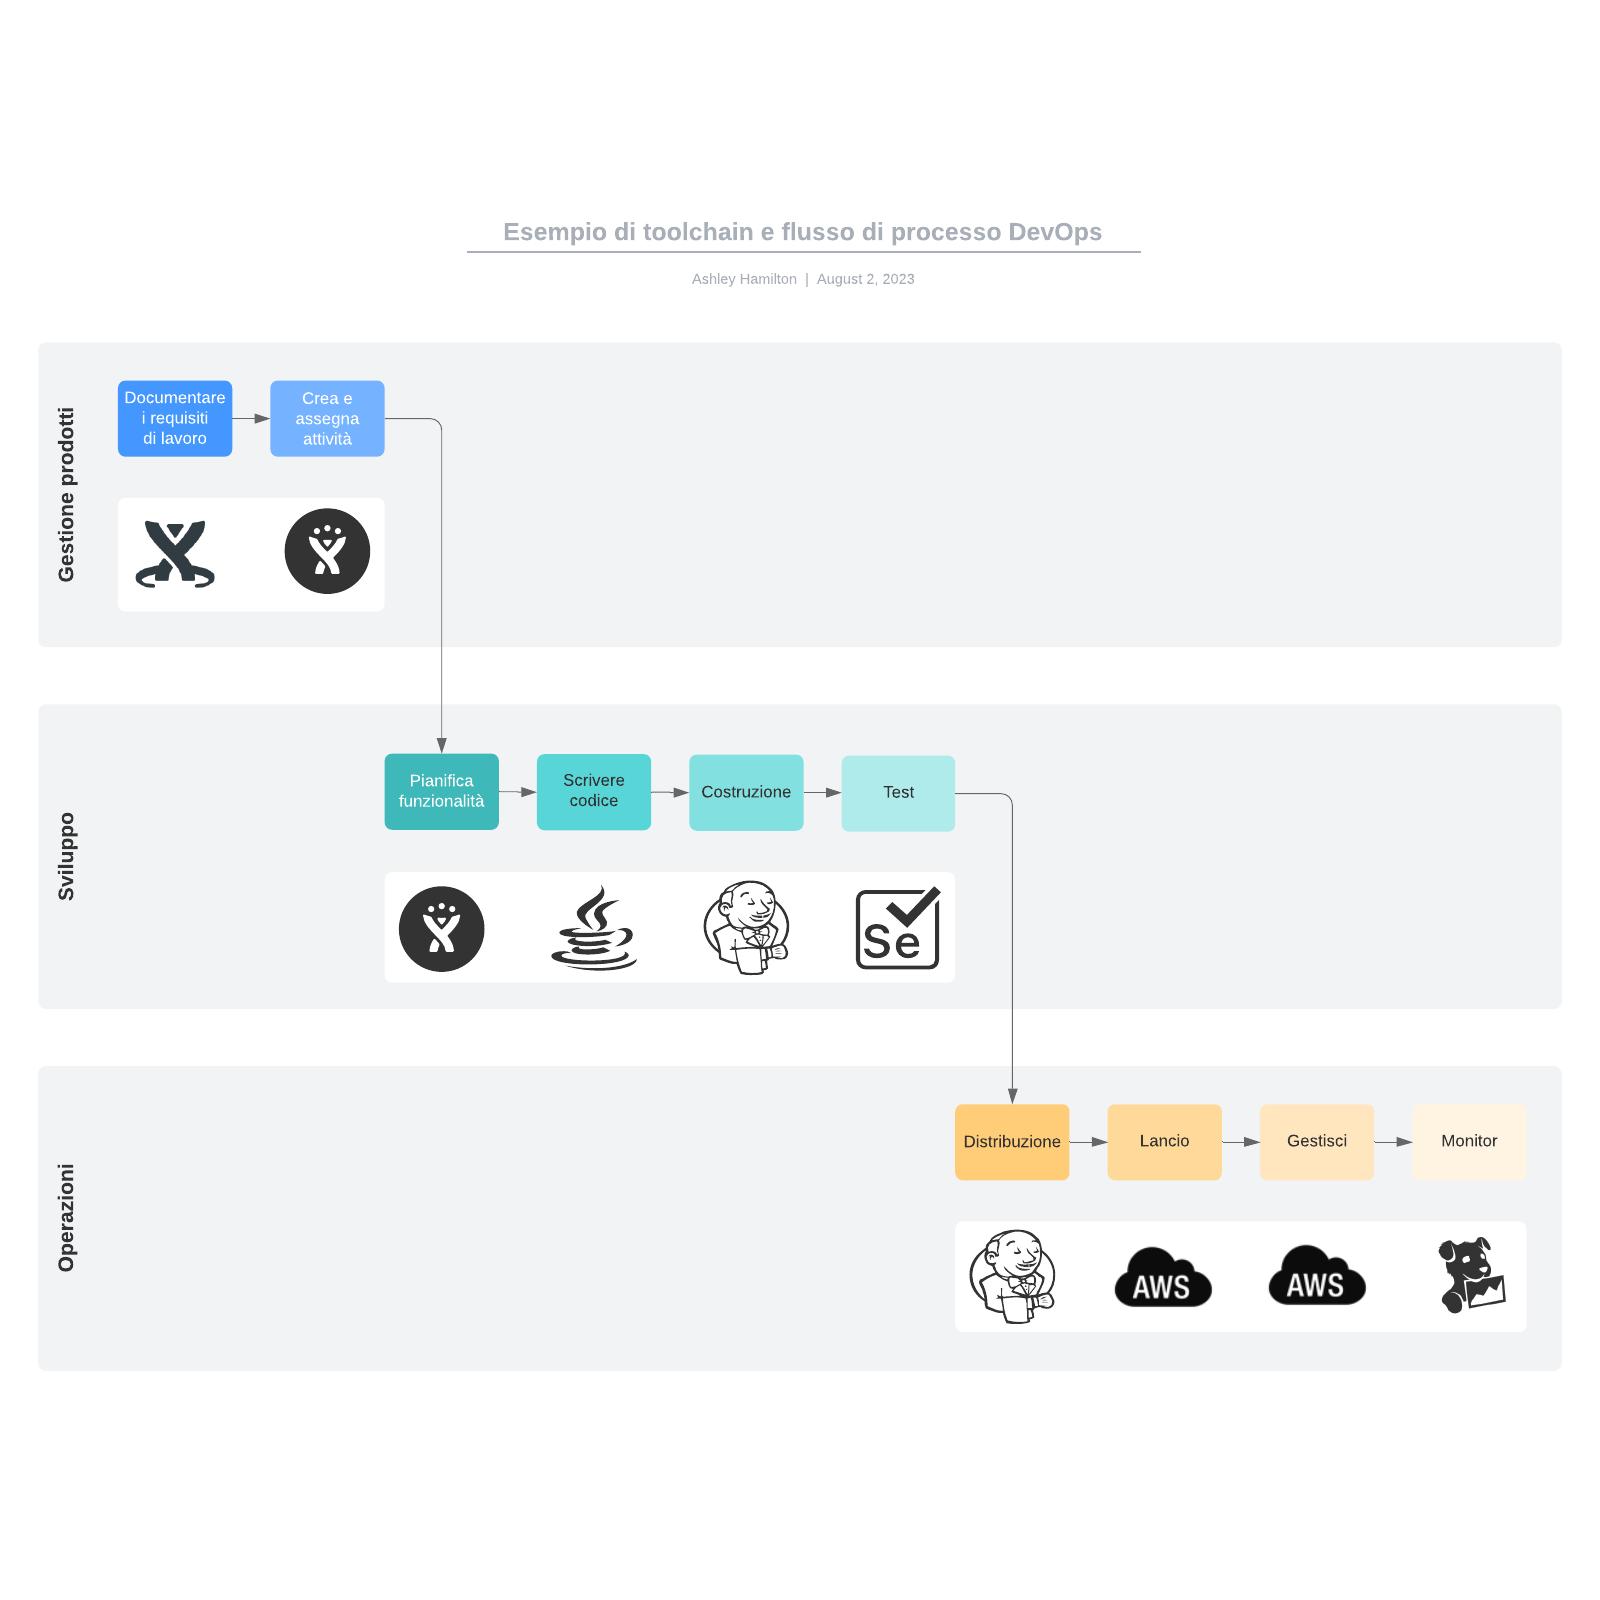 Esempio di toolchain e flusso di processo DevOps